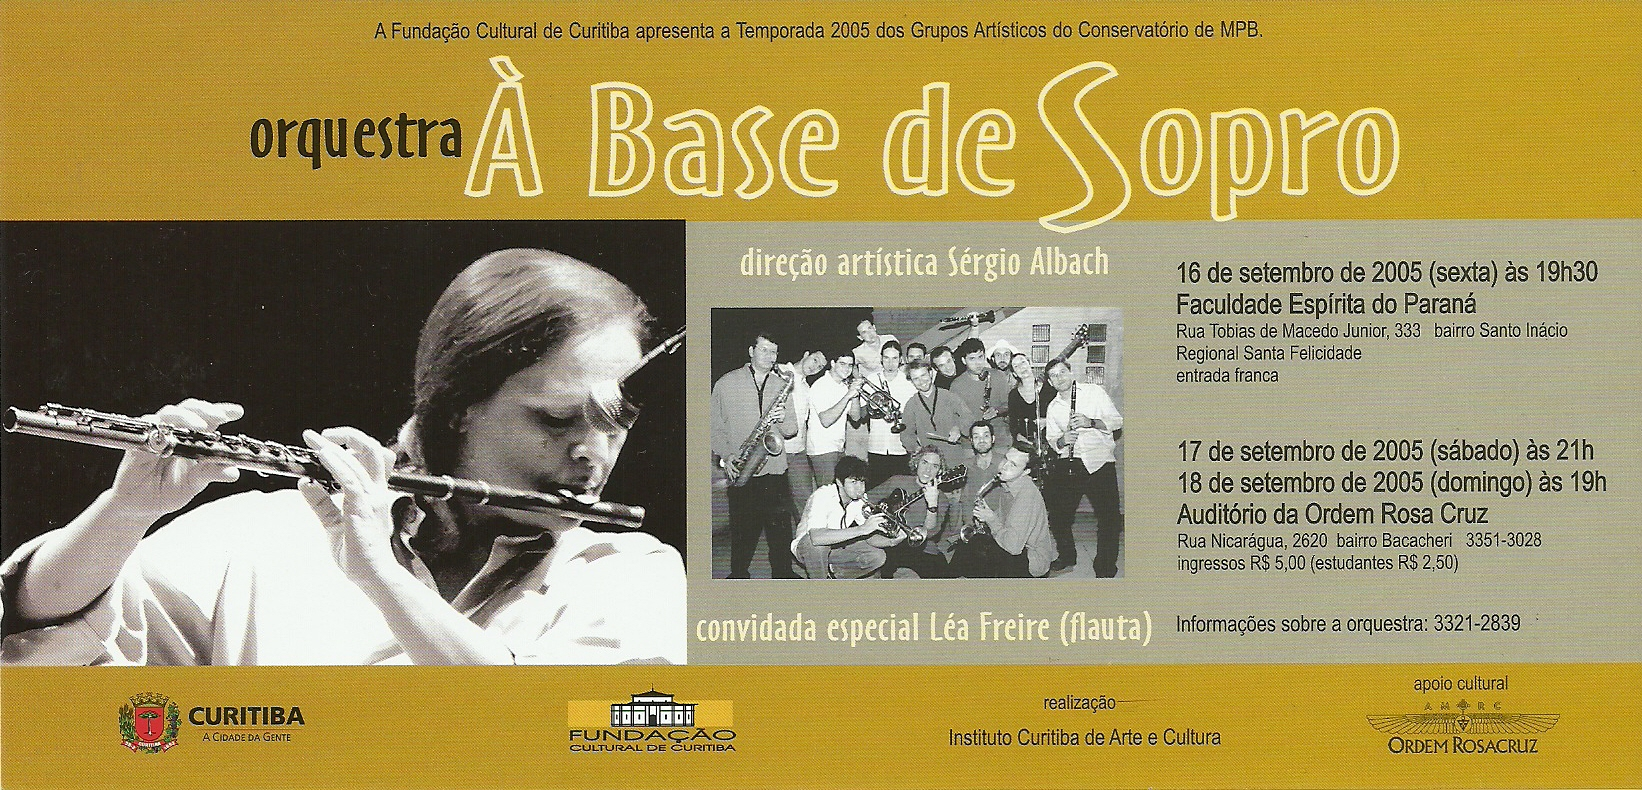 OABS e Léa Freire